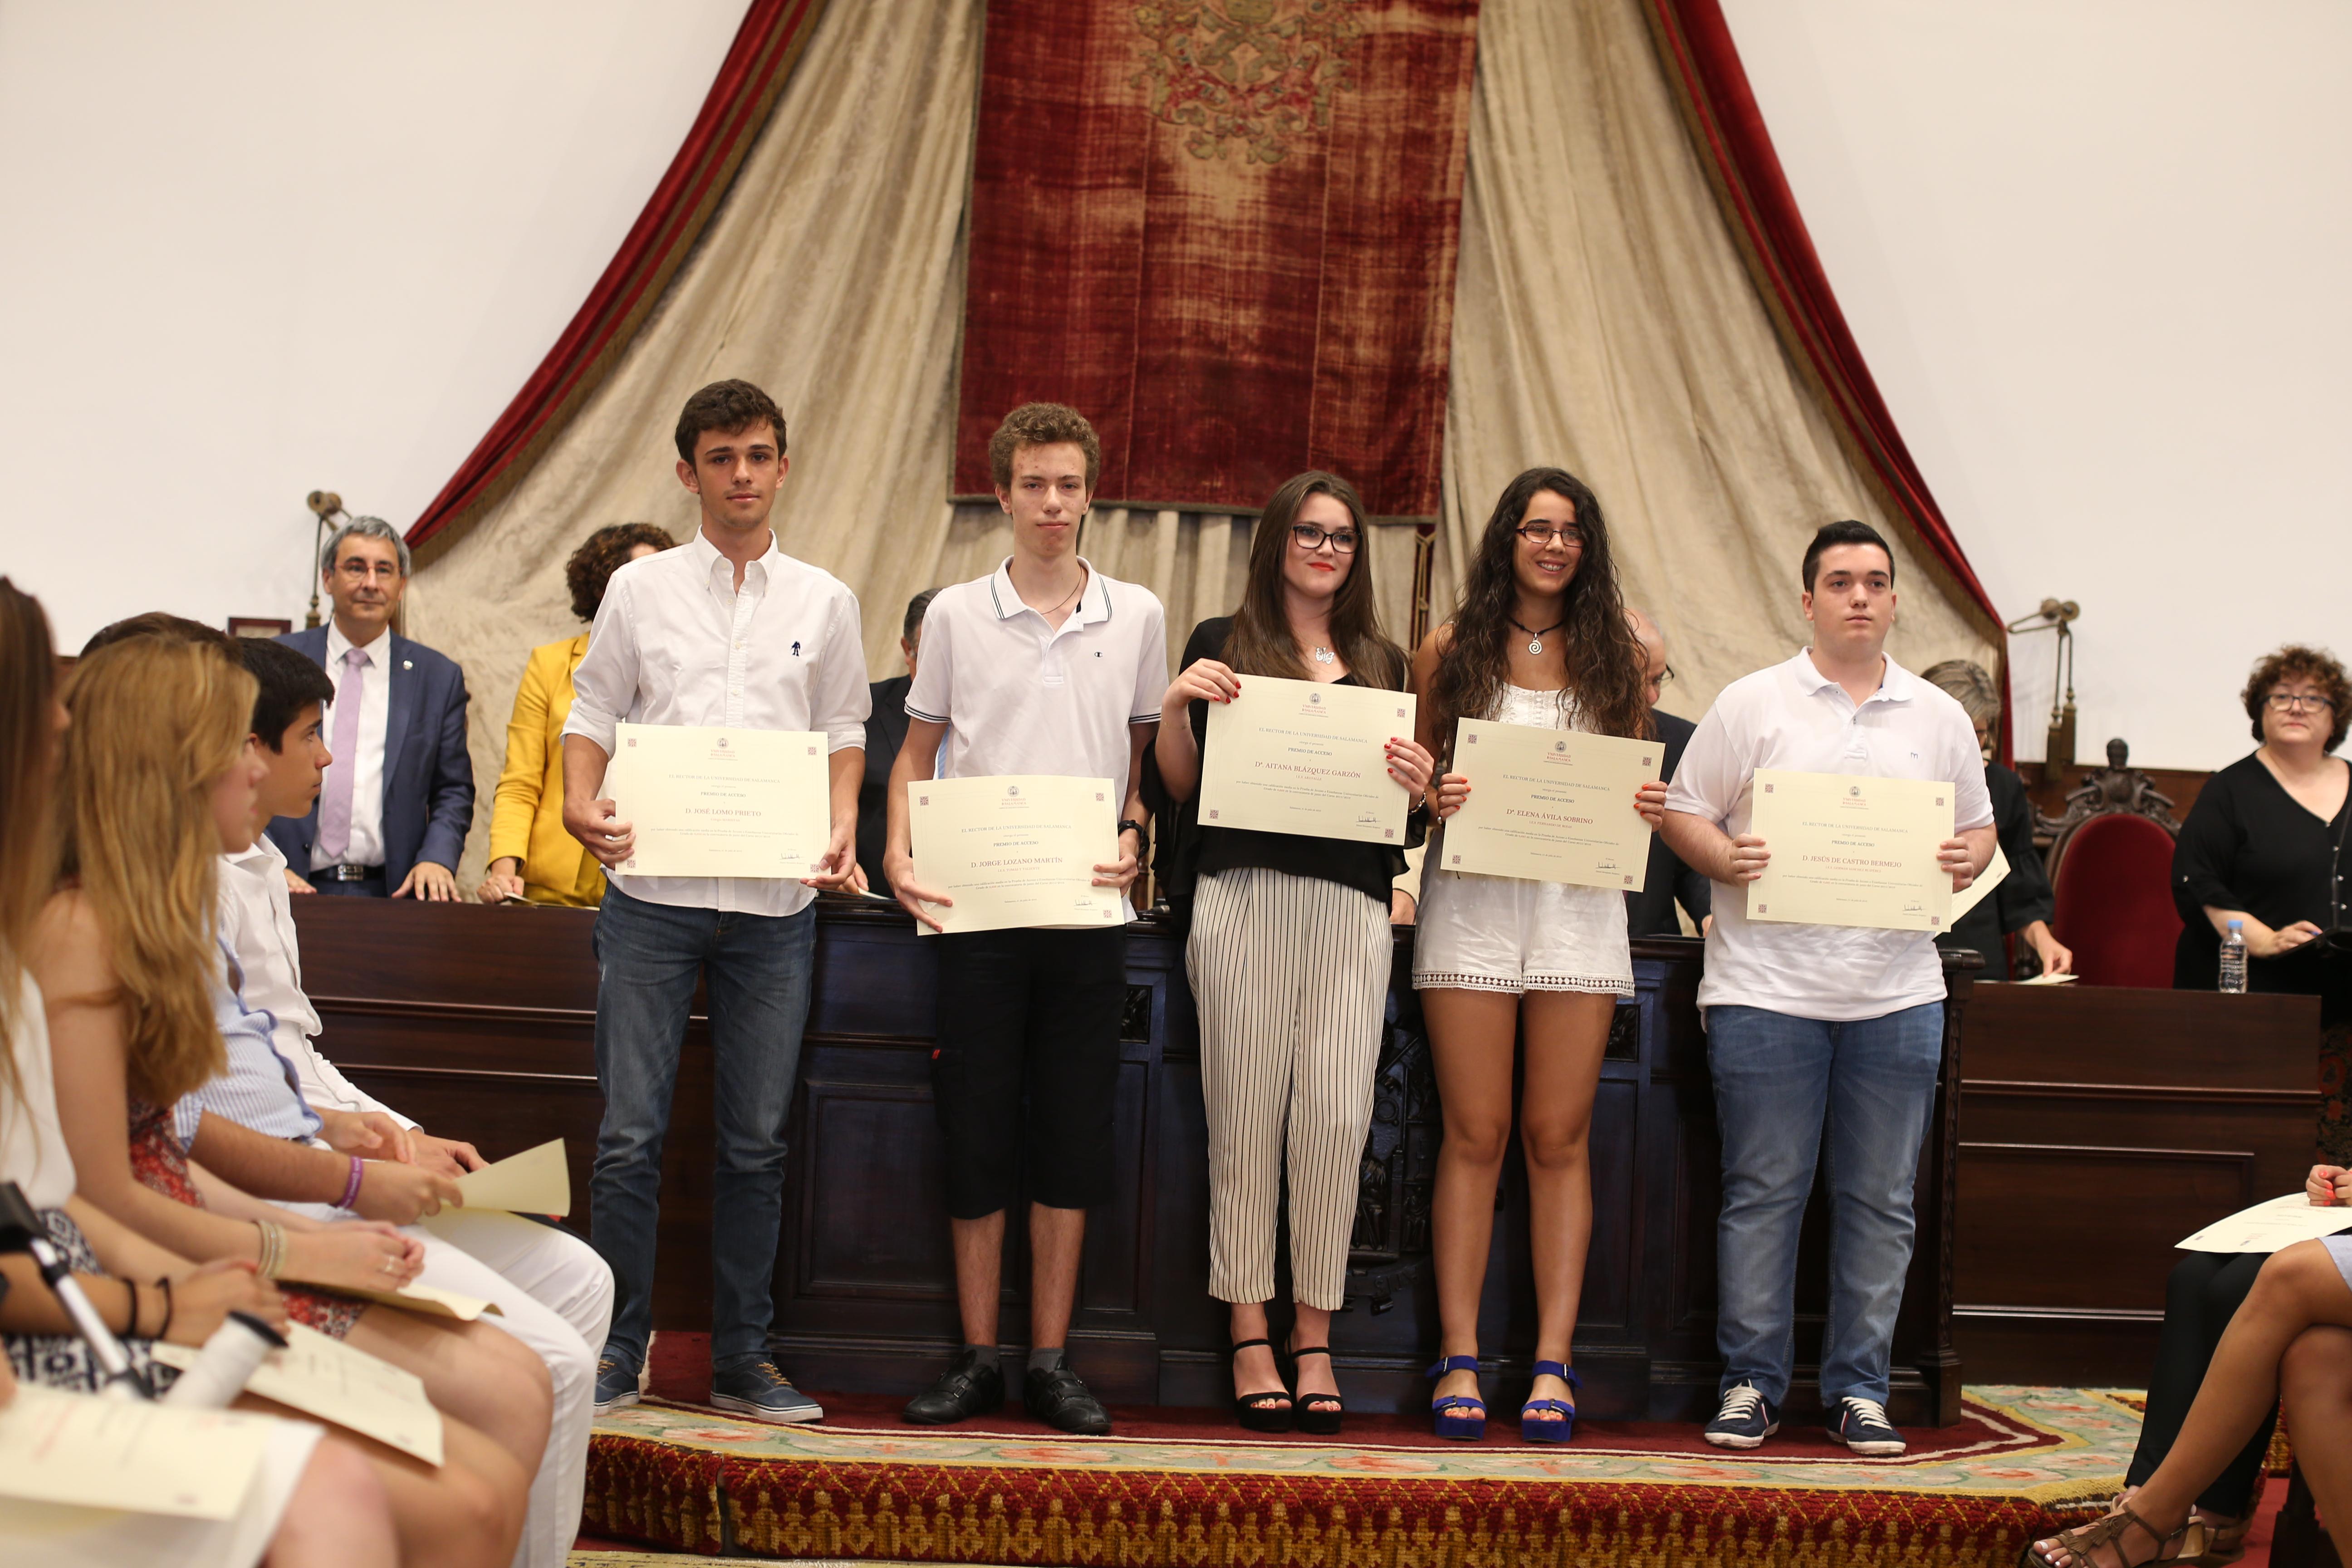 Un total de 156 jóvenes reciben los Premios Acceso 2016 a los mejores estudiantes de Selectividad en la convocatoria de junio